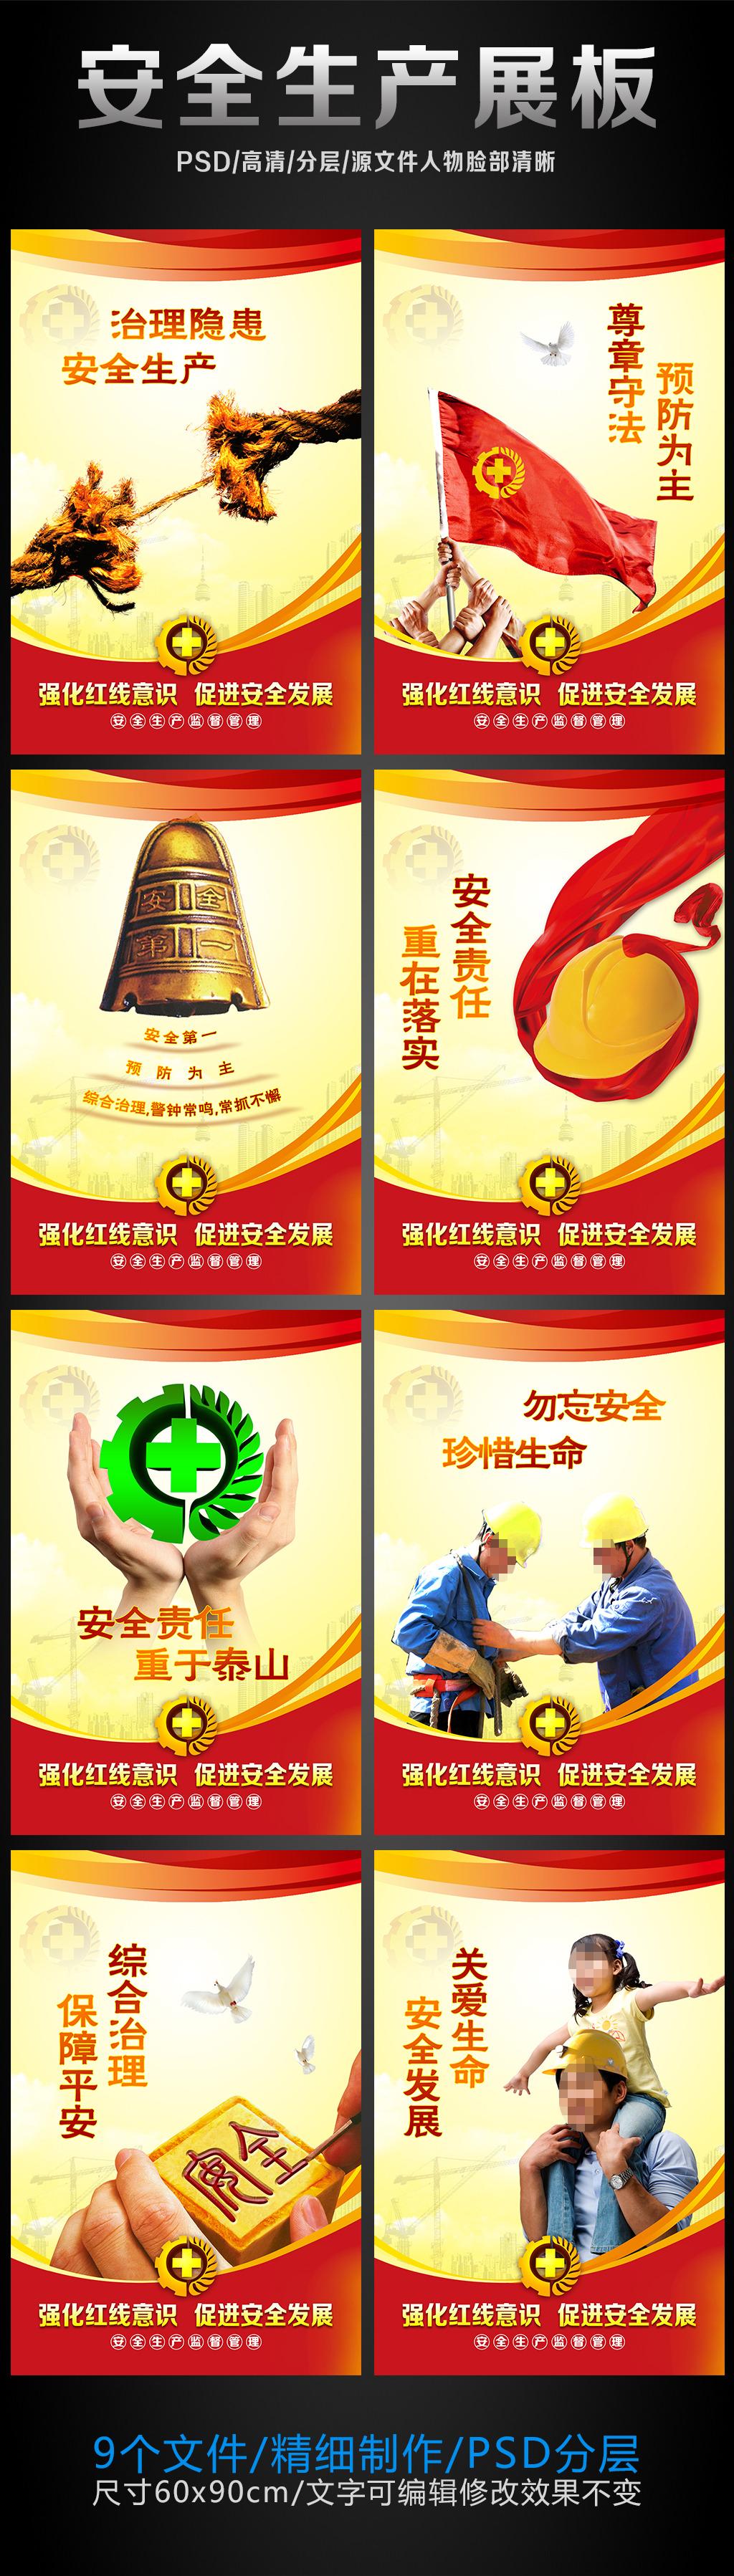 2014安全生产月宣传栏展板海报挂画